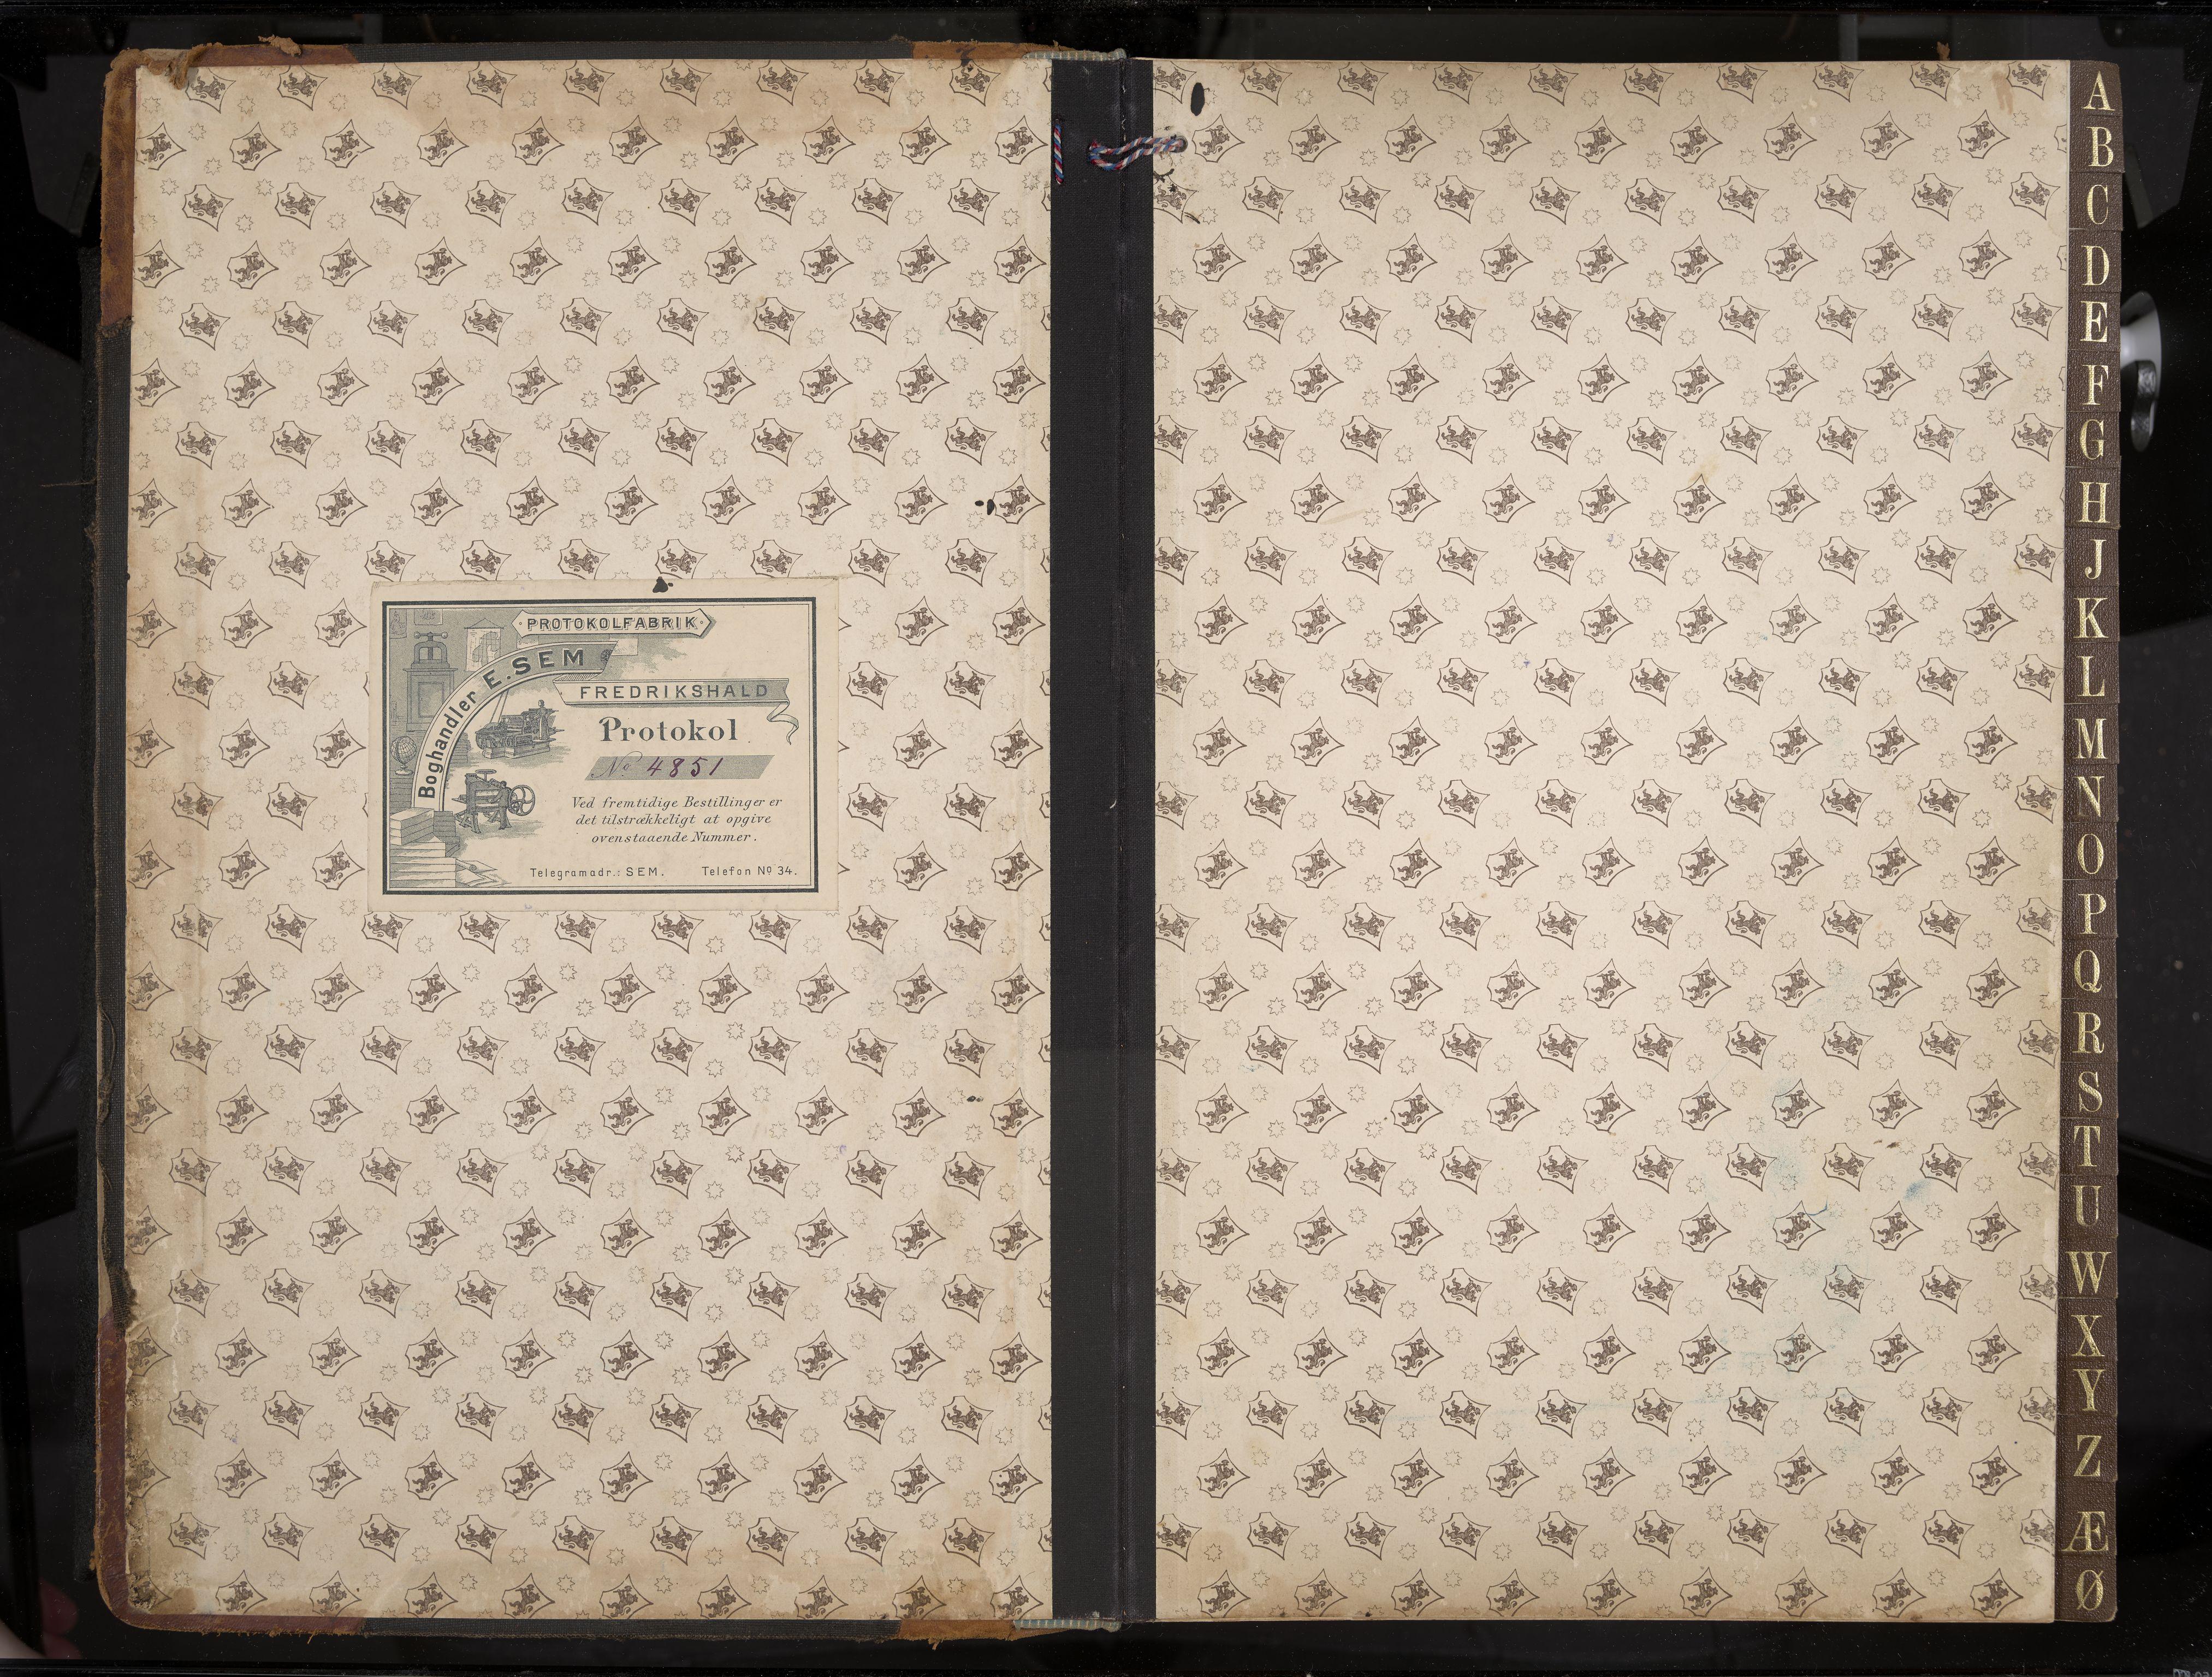 IKAK, Stavern formannskap, Aa/L0005: Møtebok med register, 1905-1917